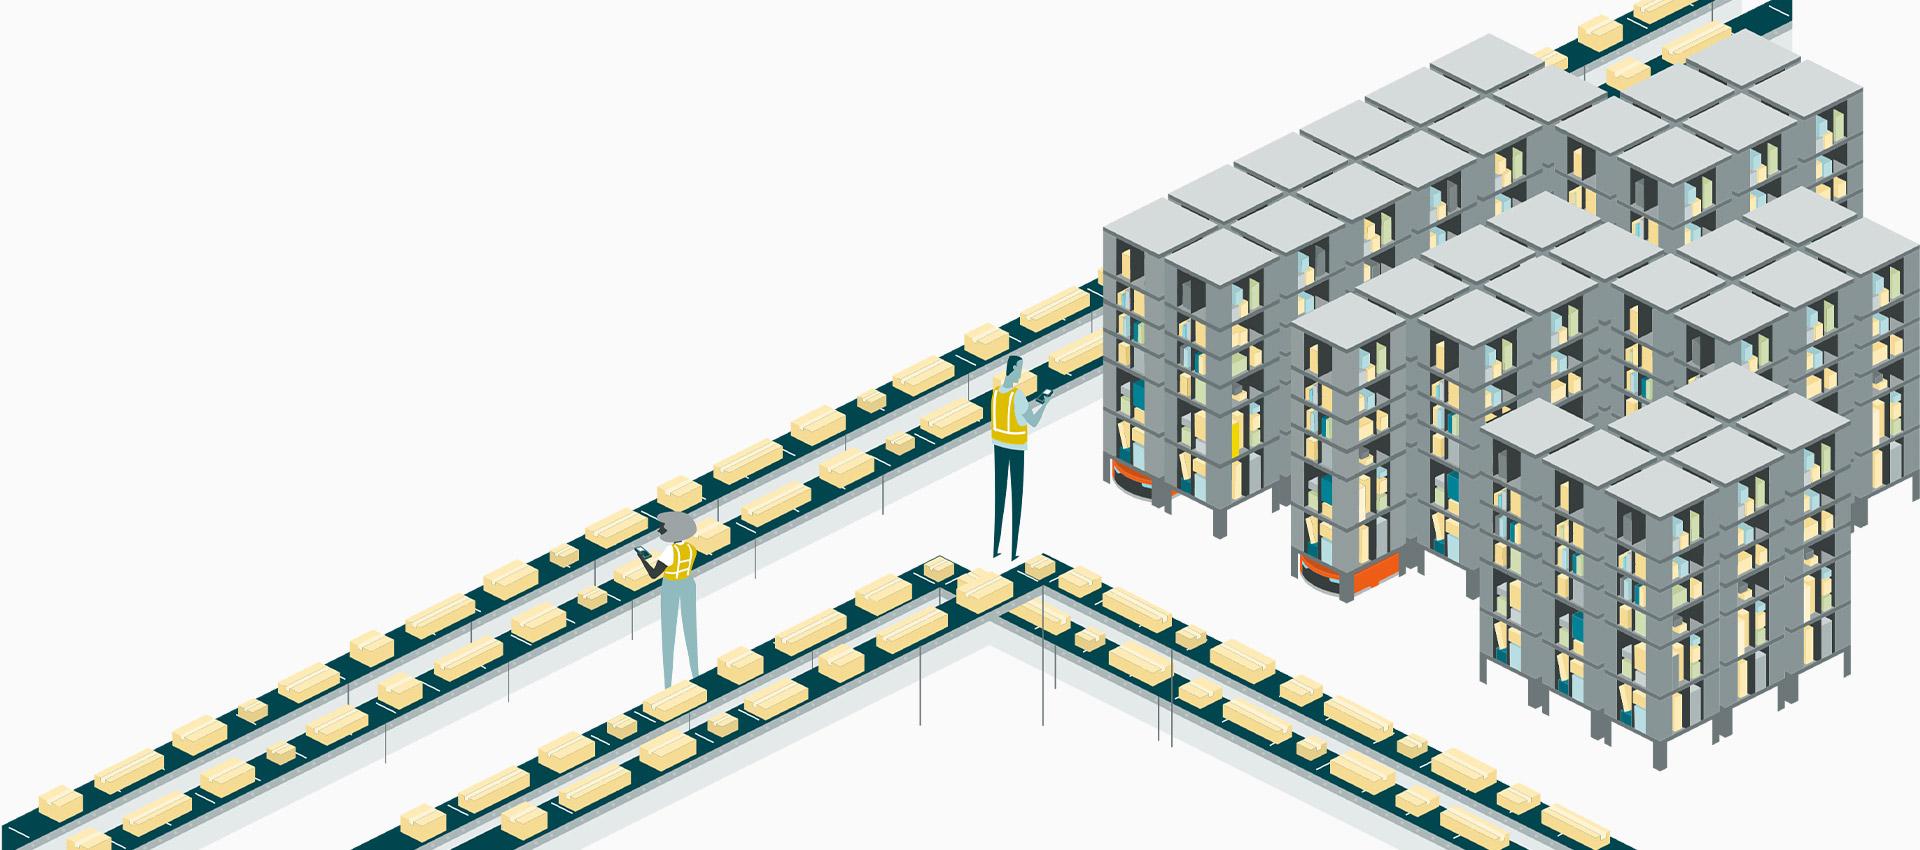 依靠运输带和货架运作的运营中心